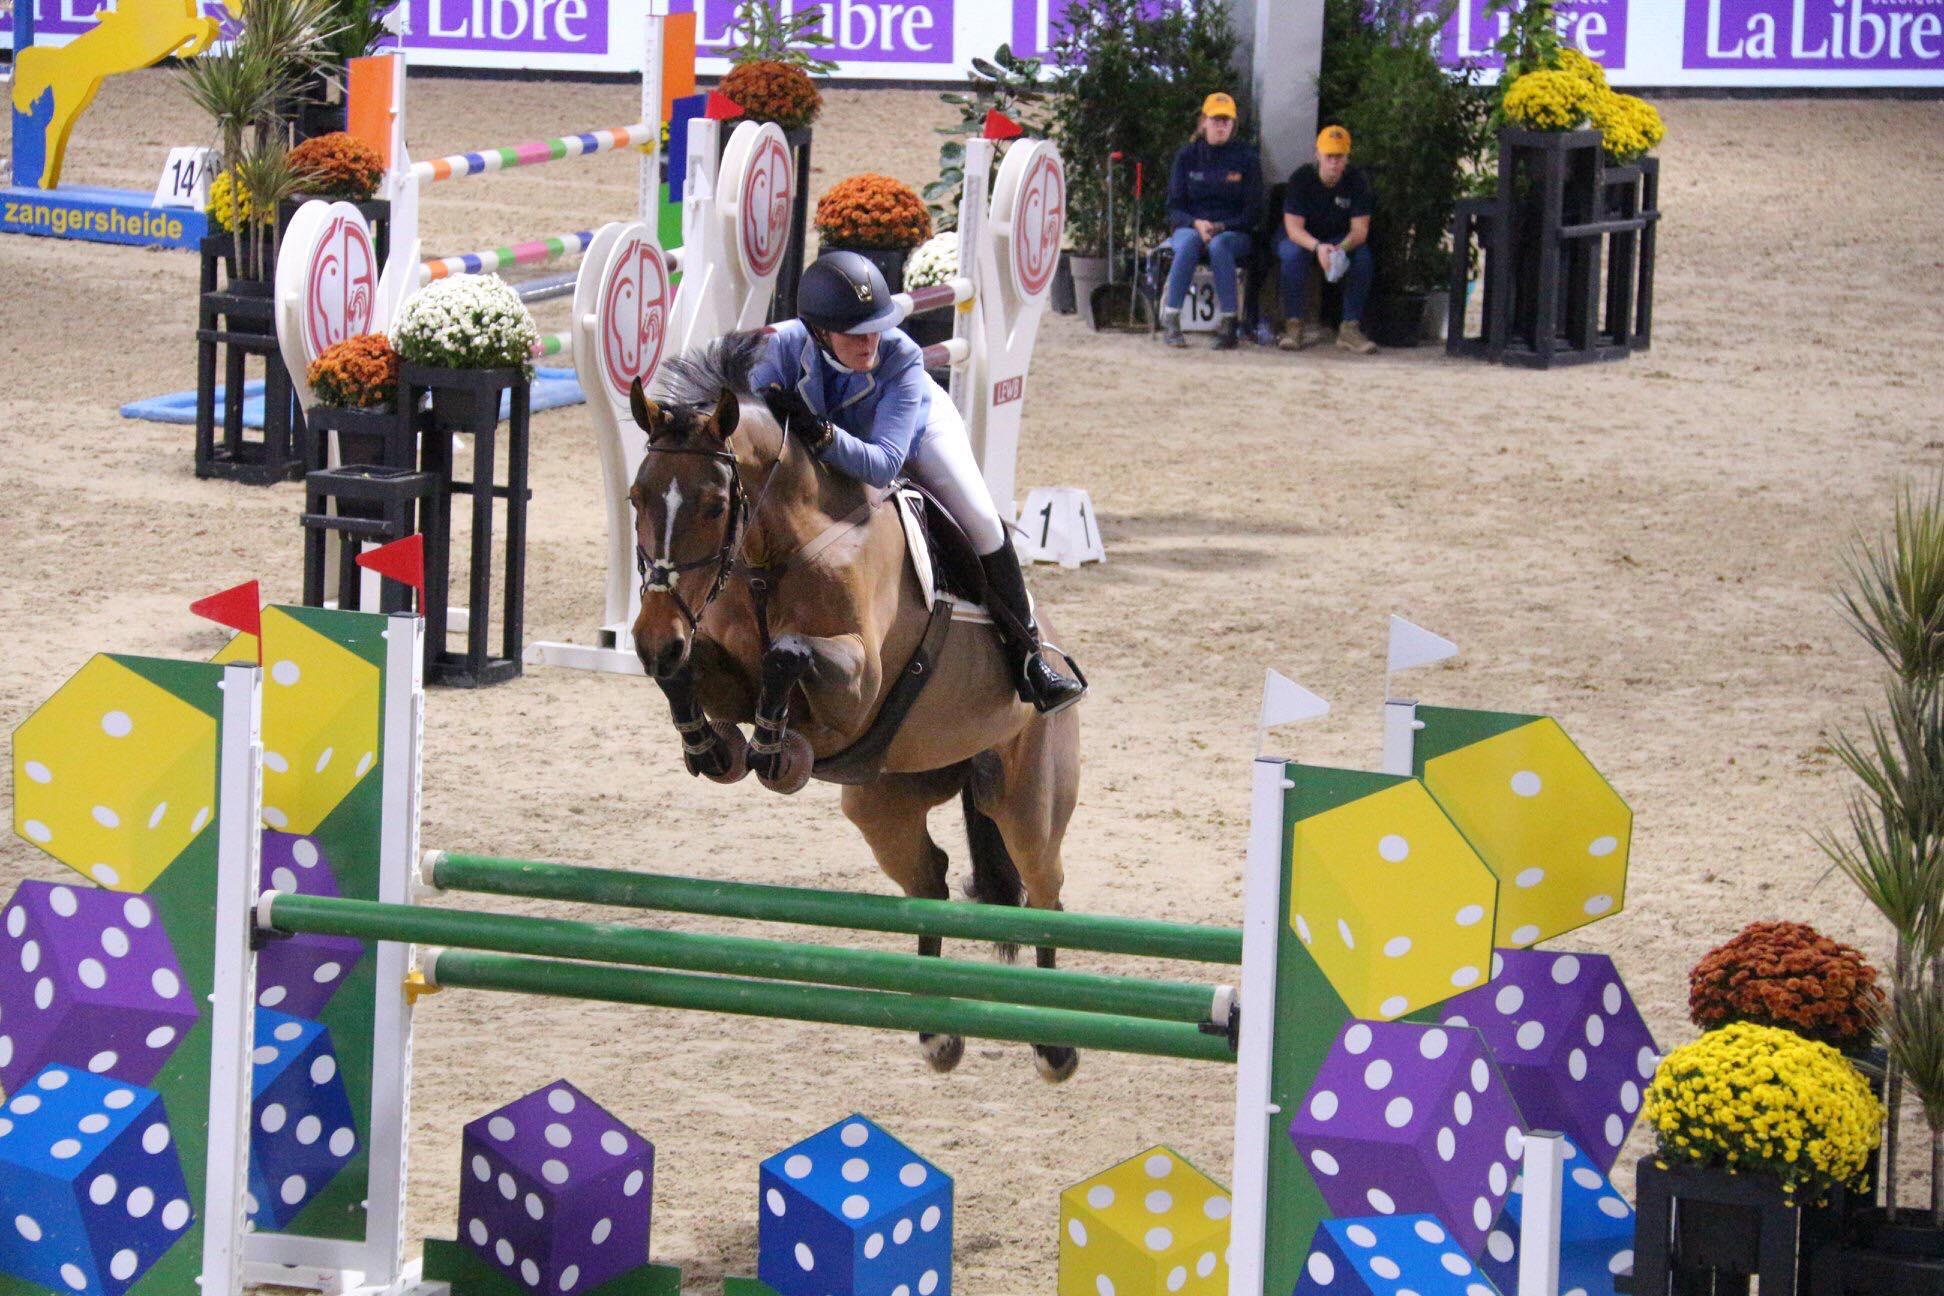 Sandra Buytaert gagne à Liège, Angélique de Vuyst prend une belle deuxième place.